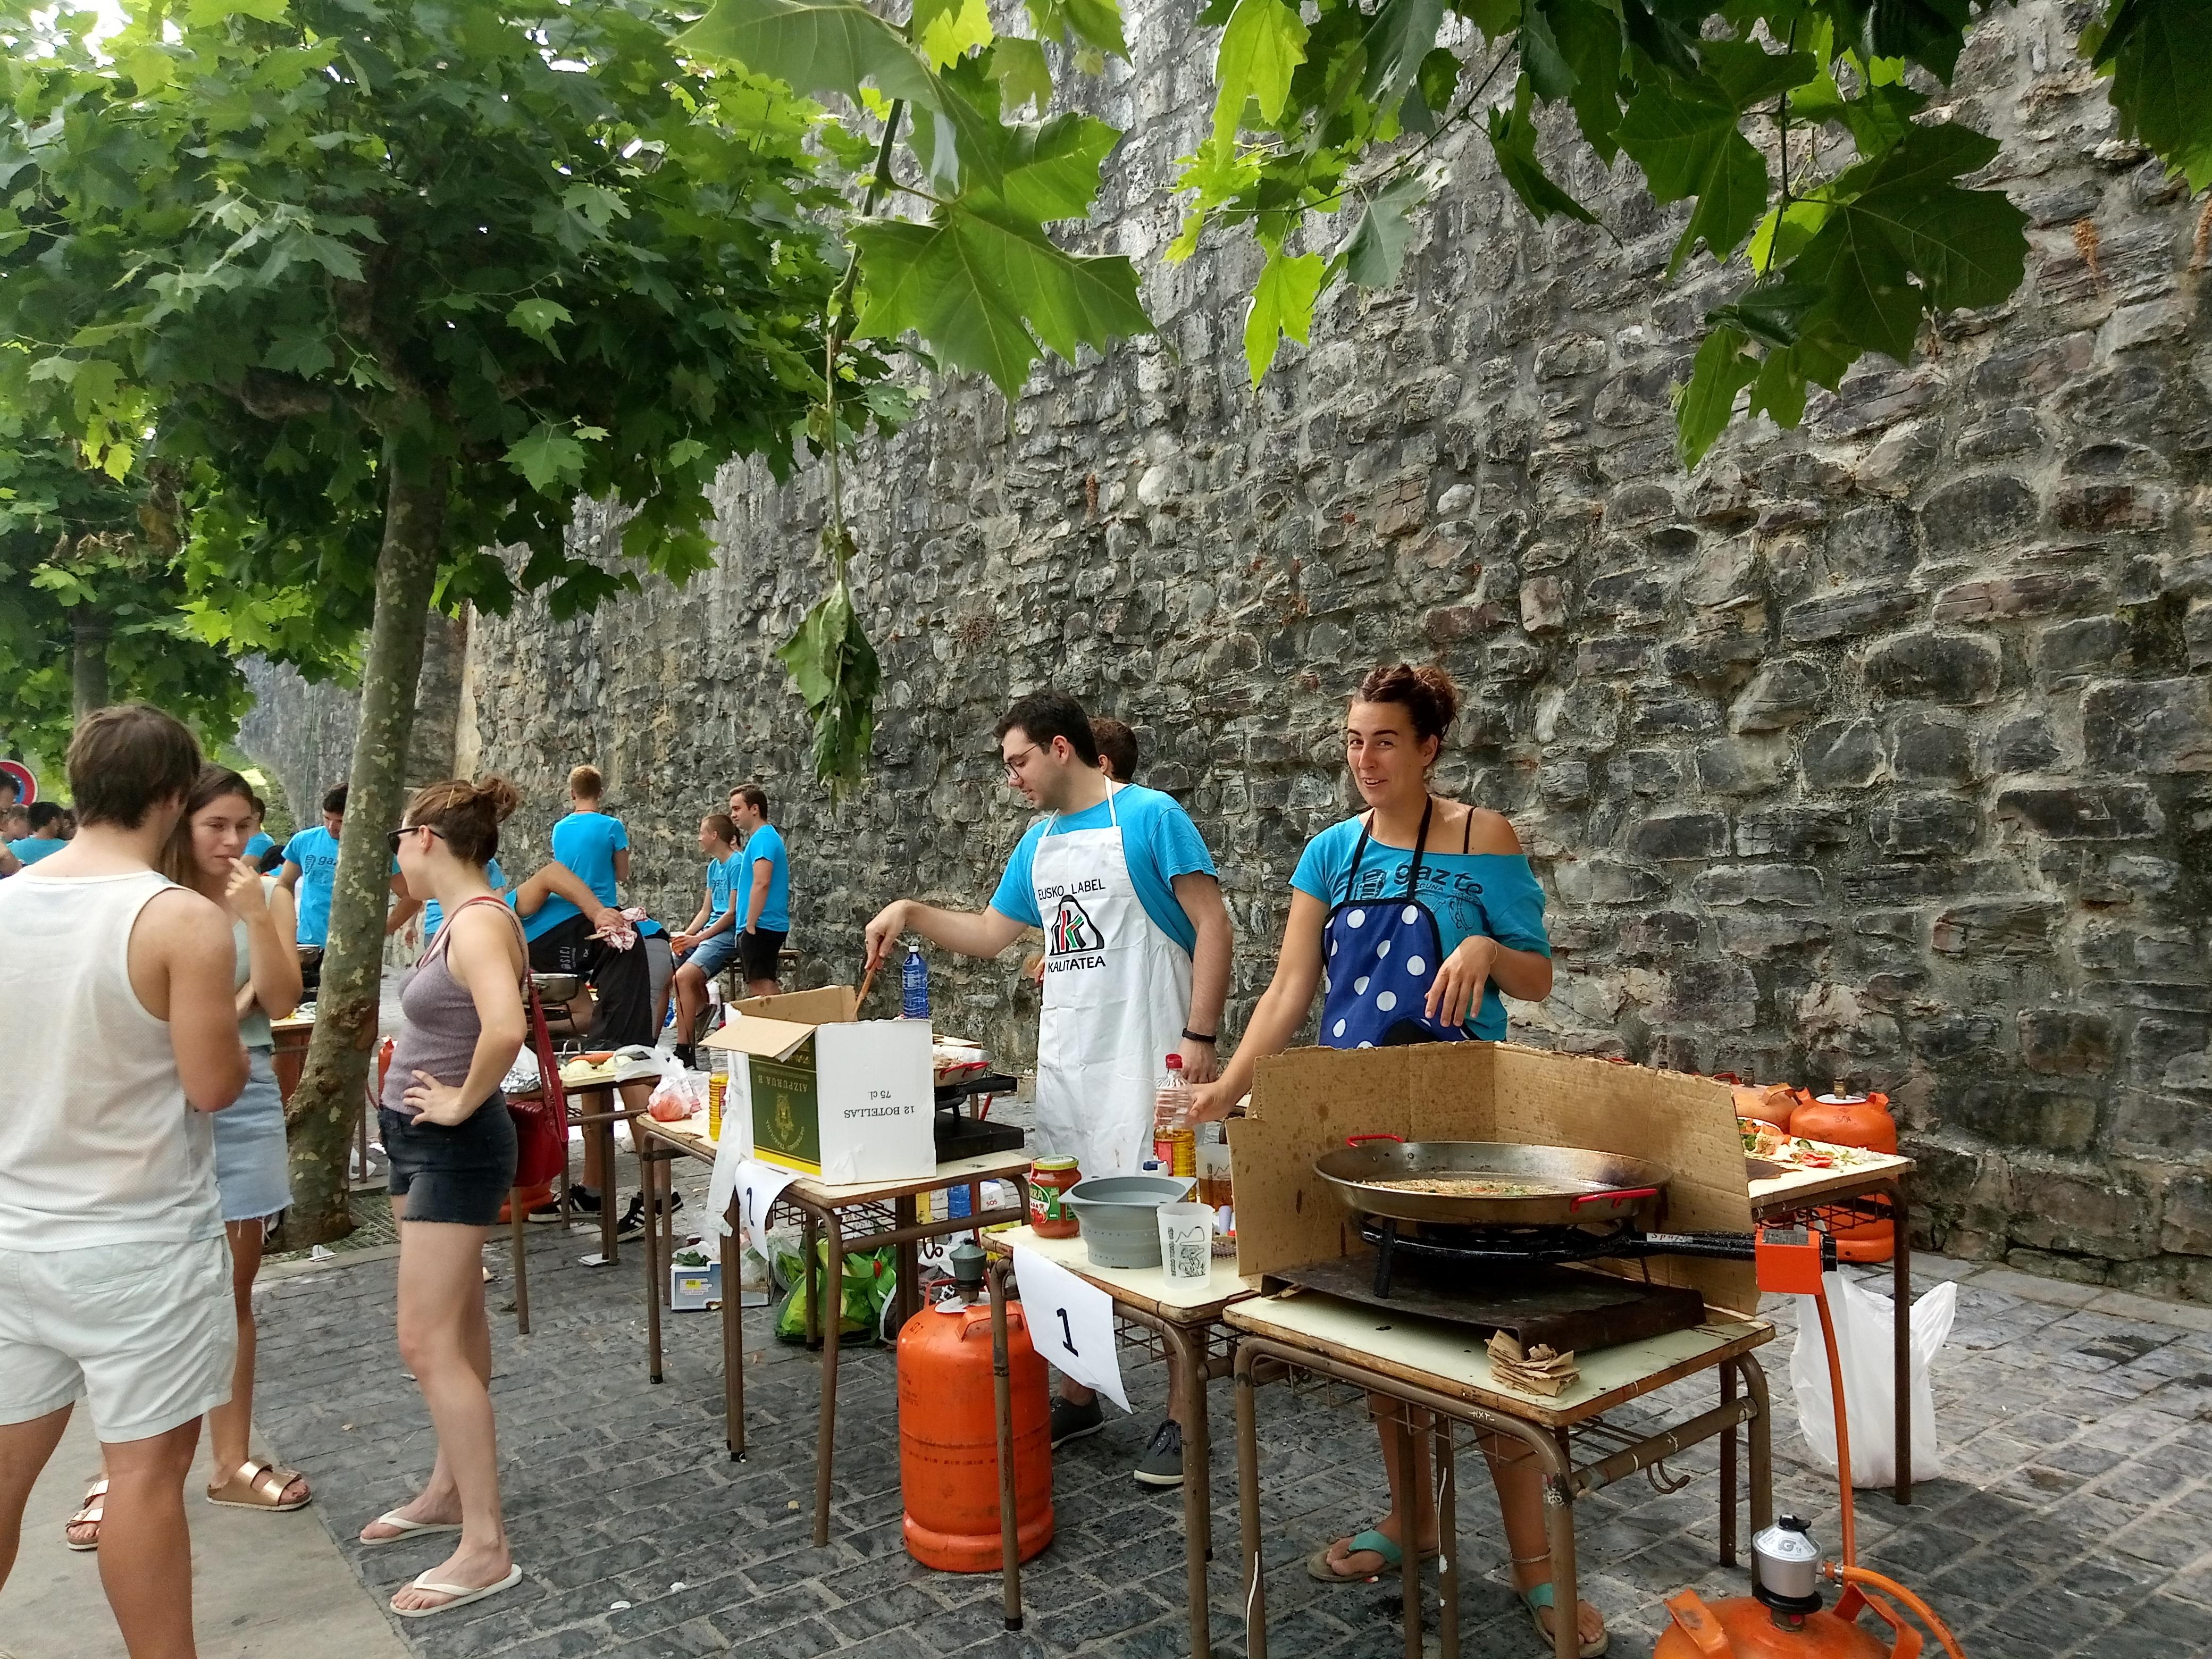 Salbatore Jaiak 2018 - Paella lehiaketa